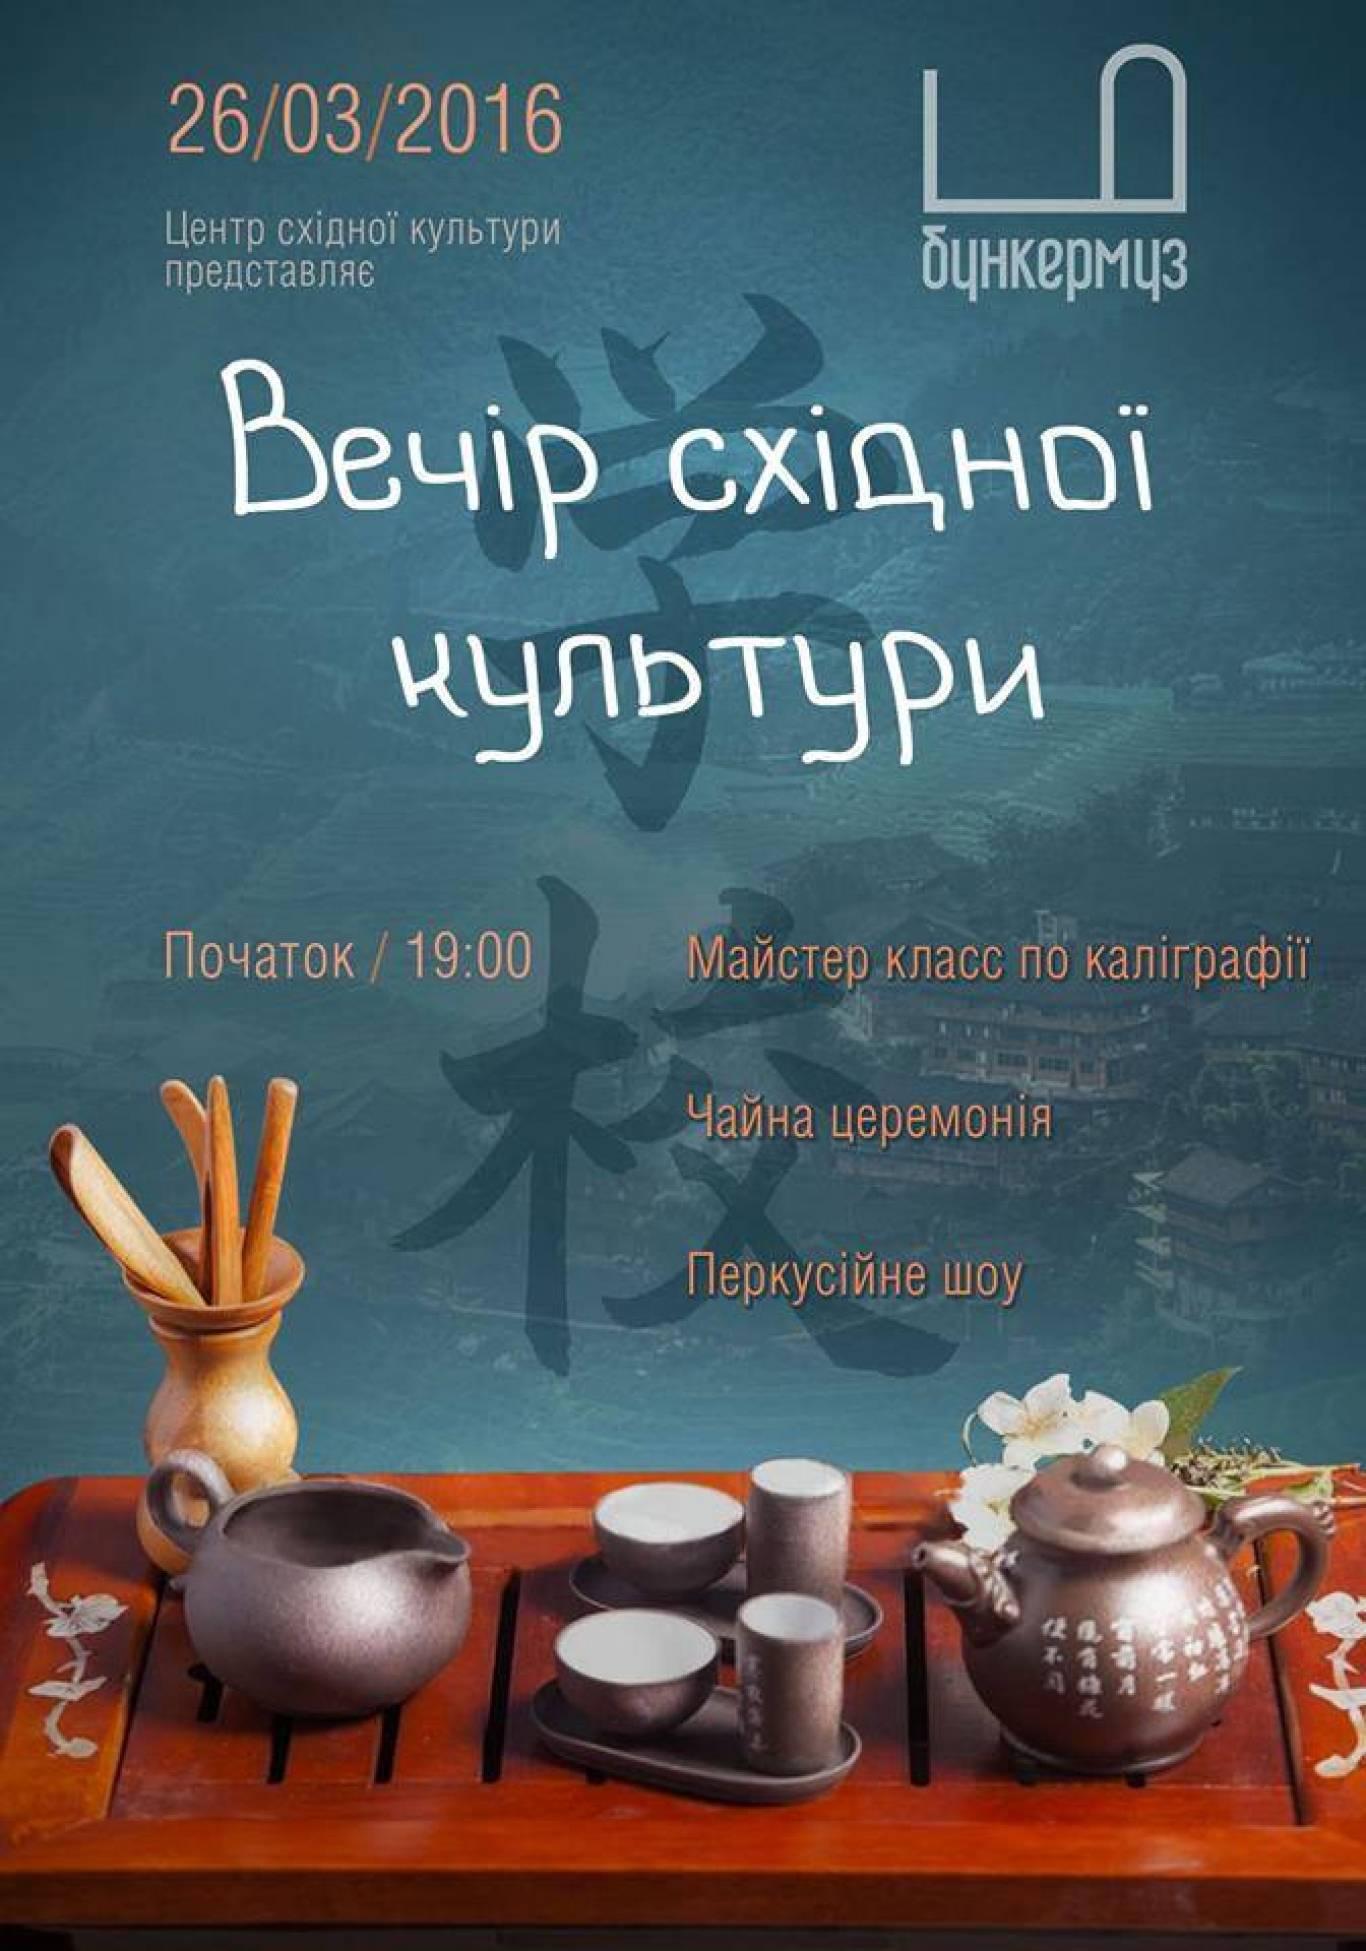 Вечір східної культури